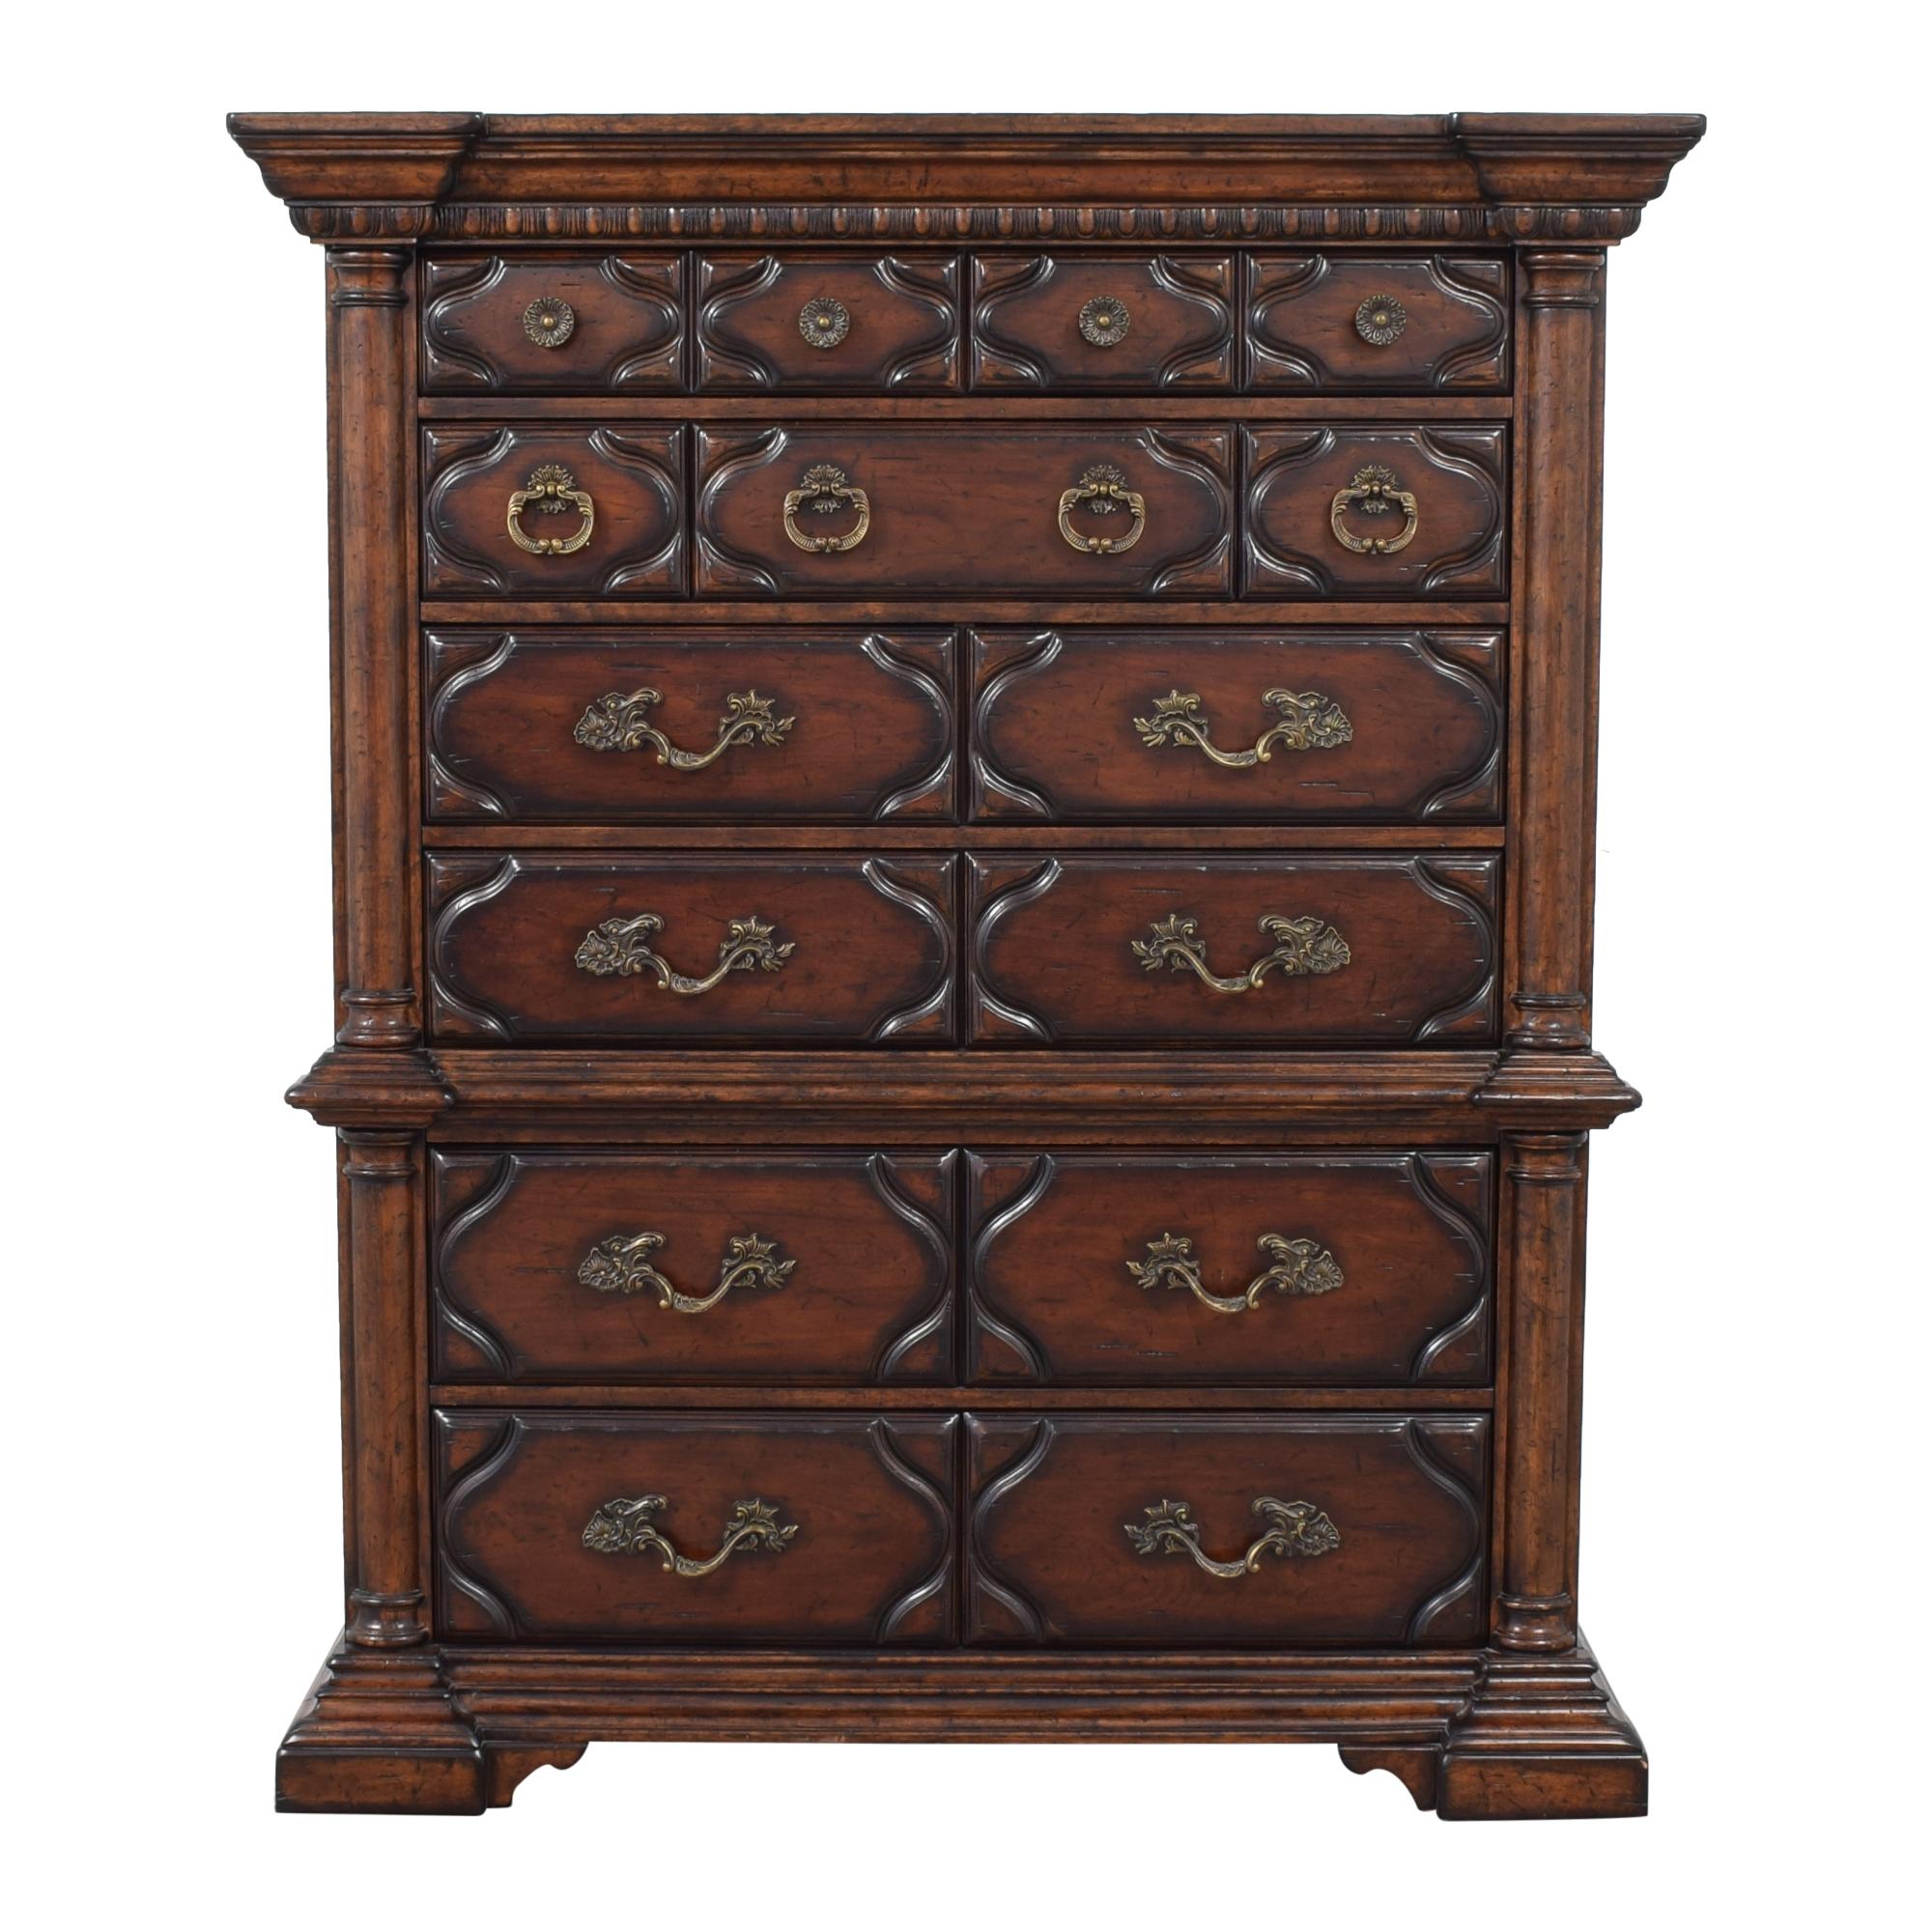 Lexington Furniture Lexington Furniture Palos Verdes Chadwick Gentleman's Chest  price